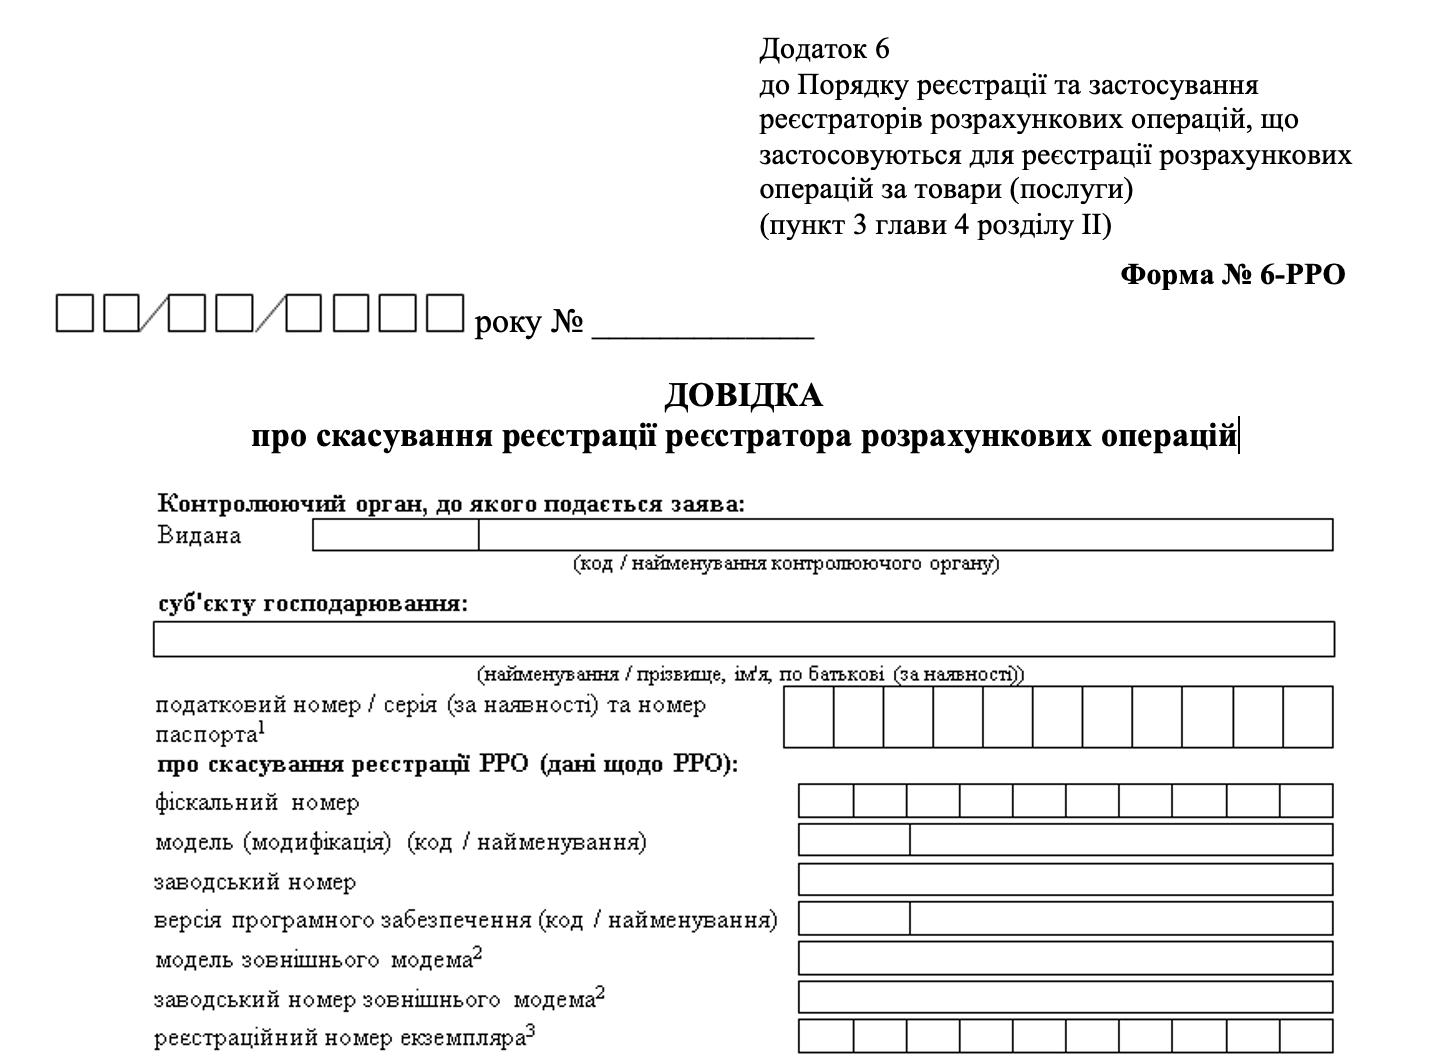 форма 6 РРО